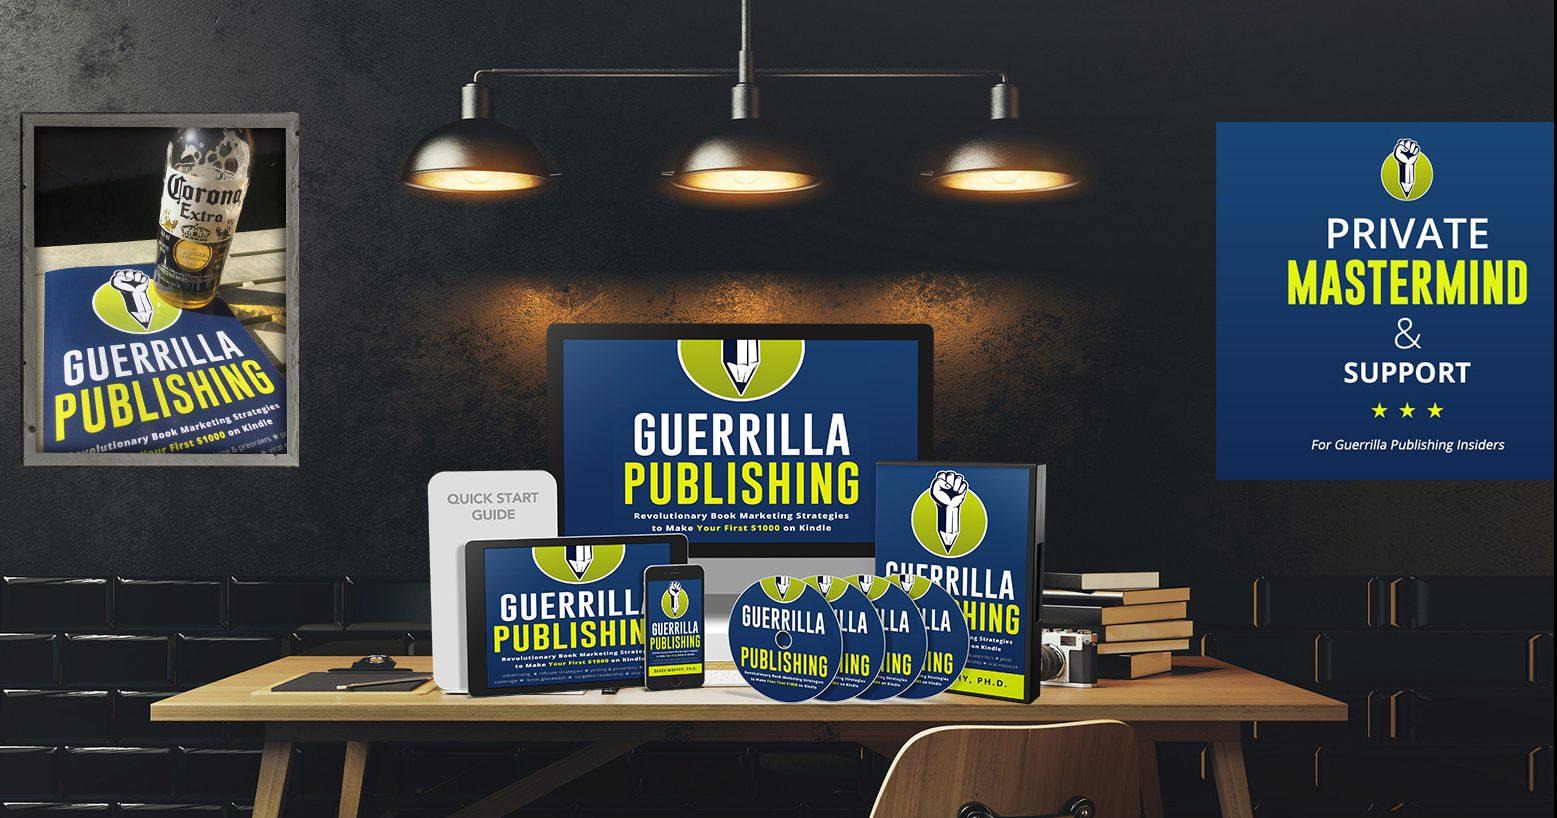 guerrilla regents review